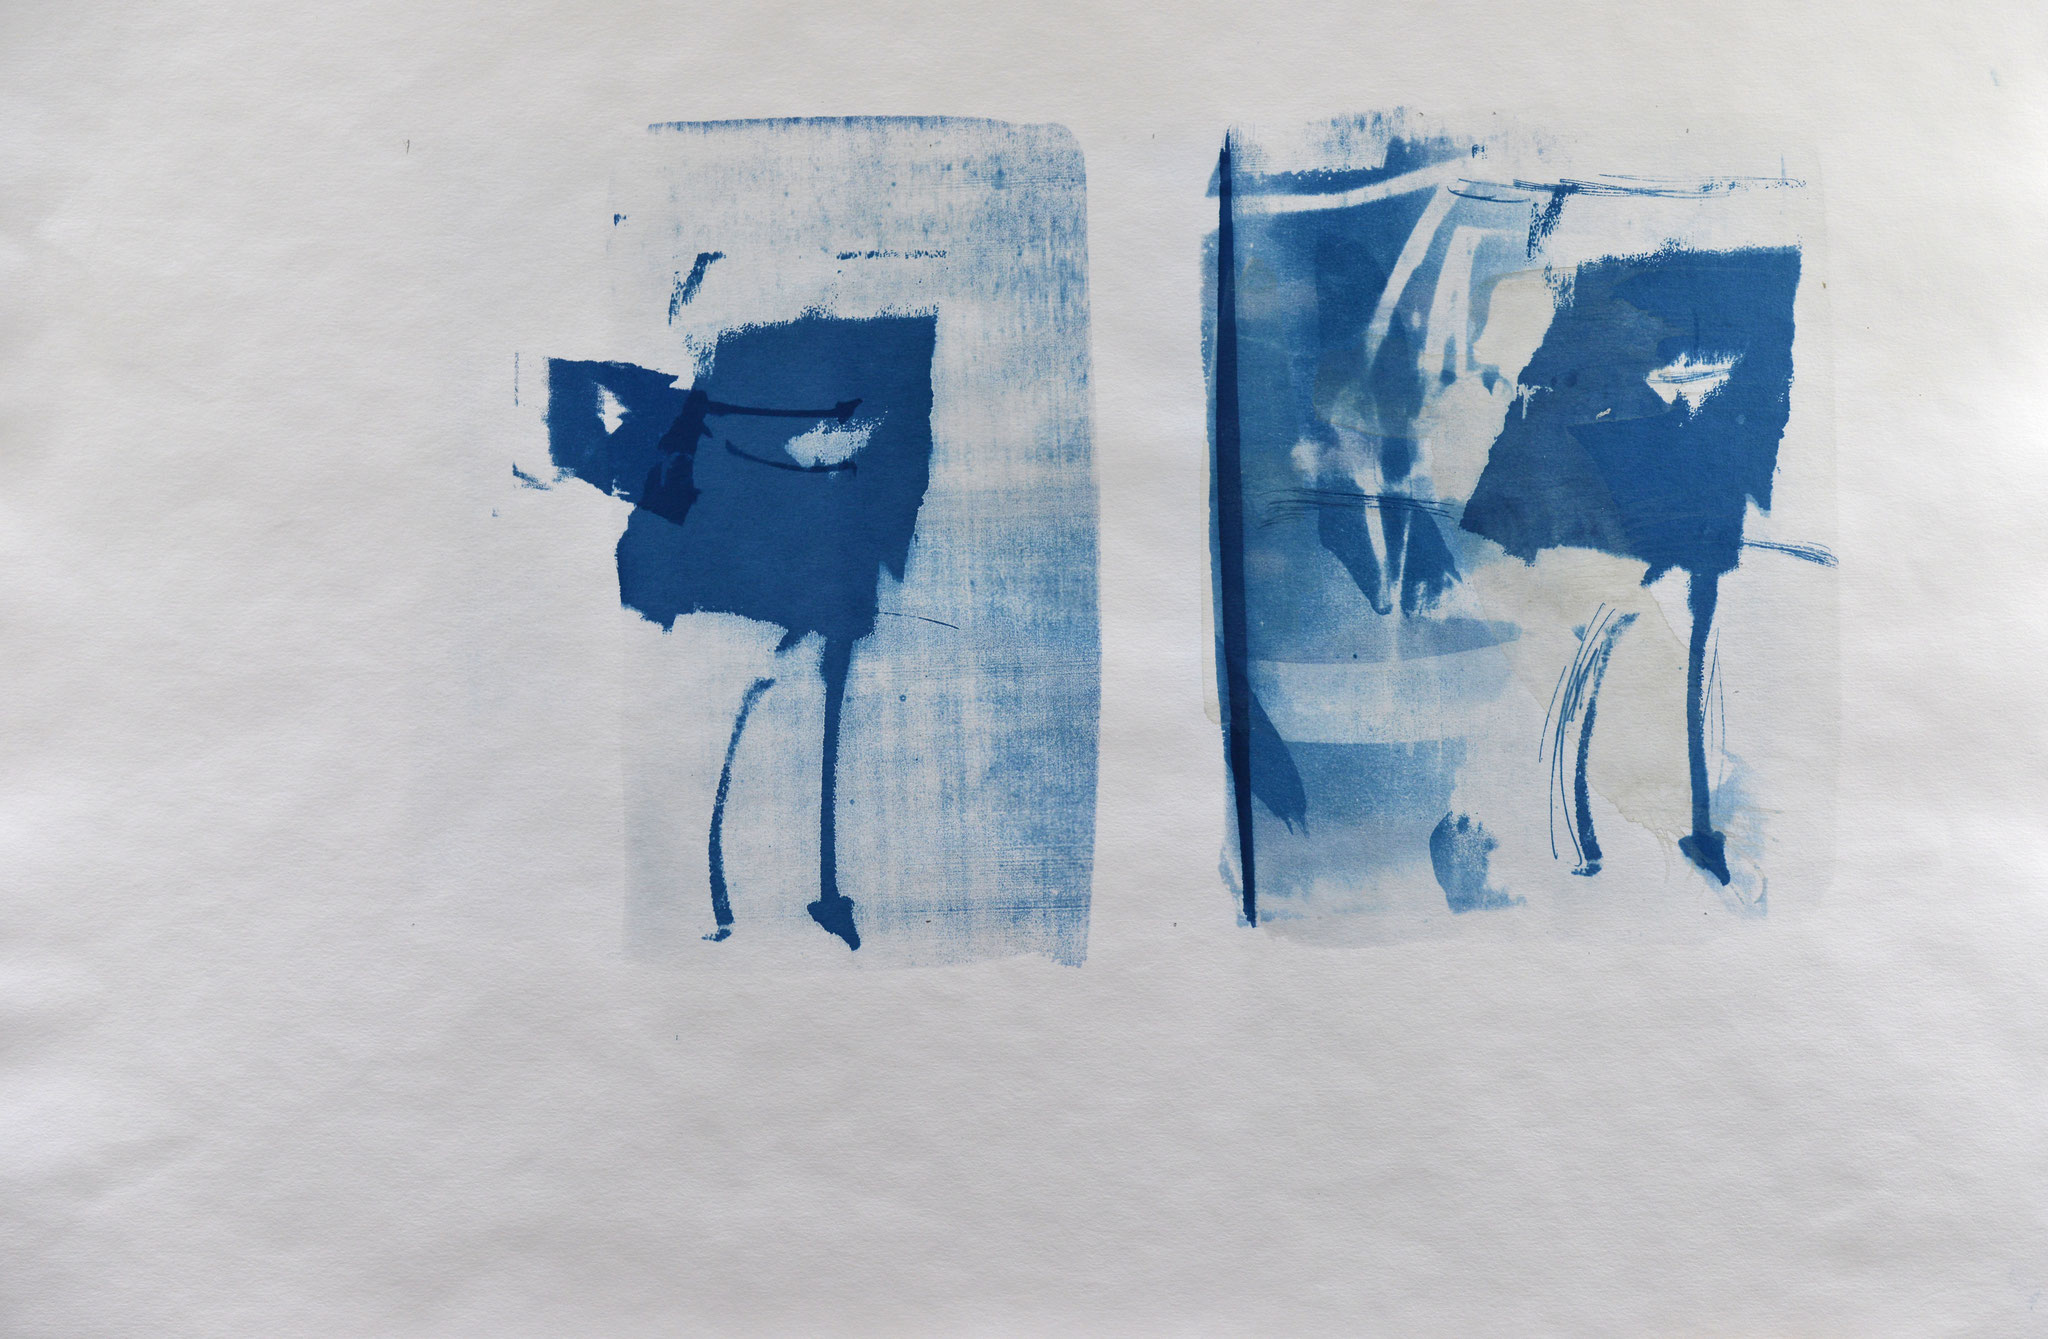 Liebe Freunde aus der Vergangenheit, Cyanotypie, 50 x 70 cm,  2020